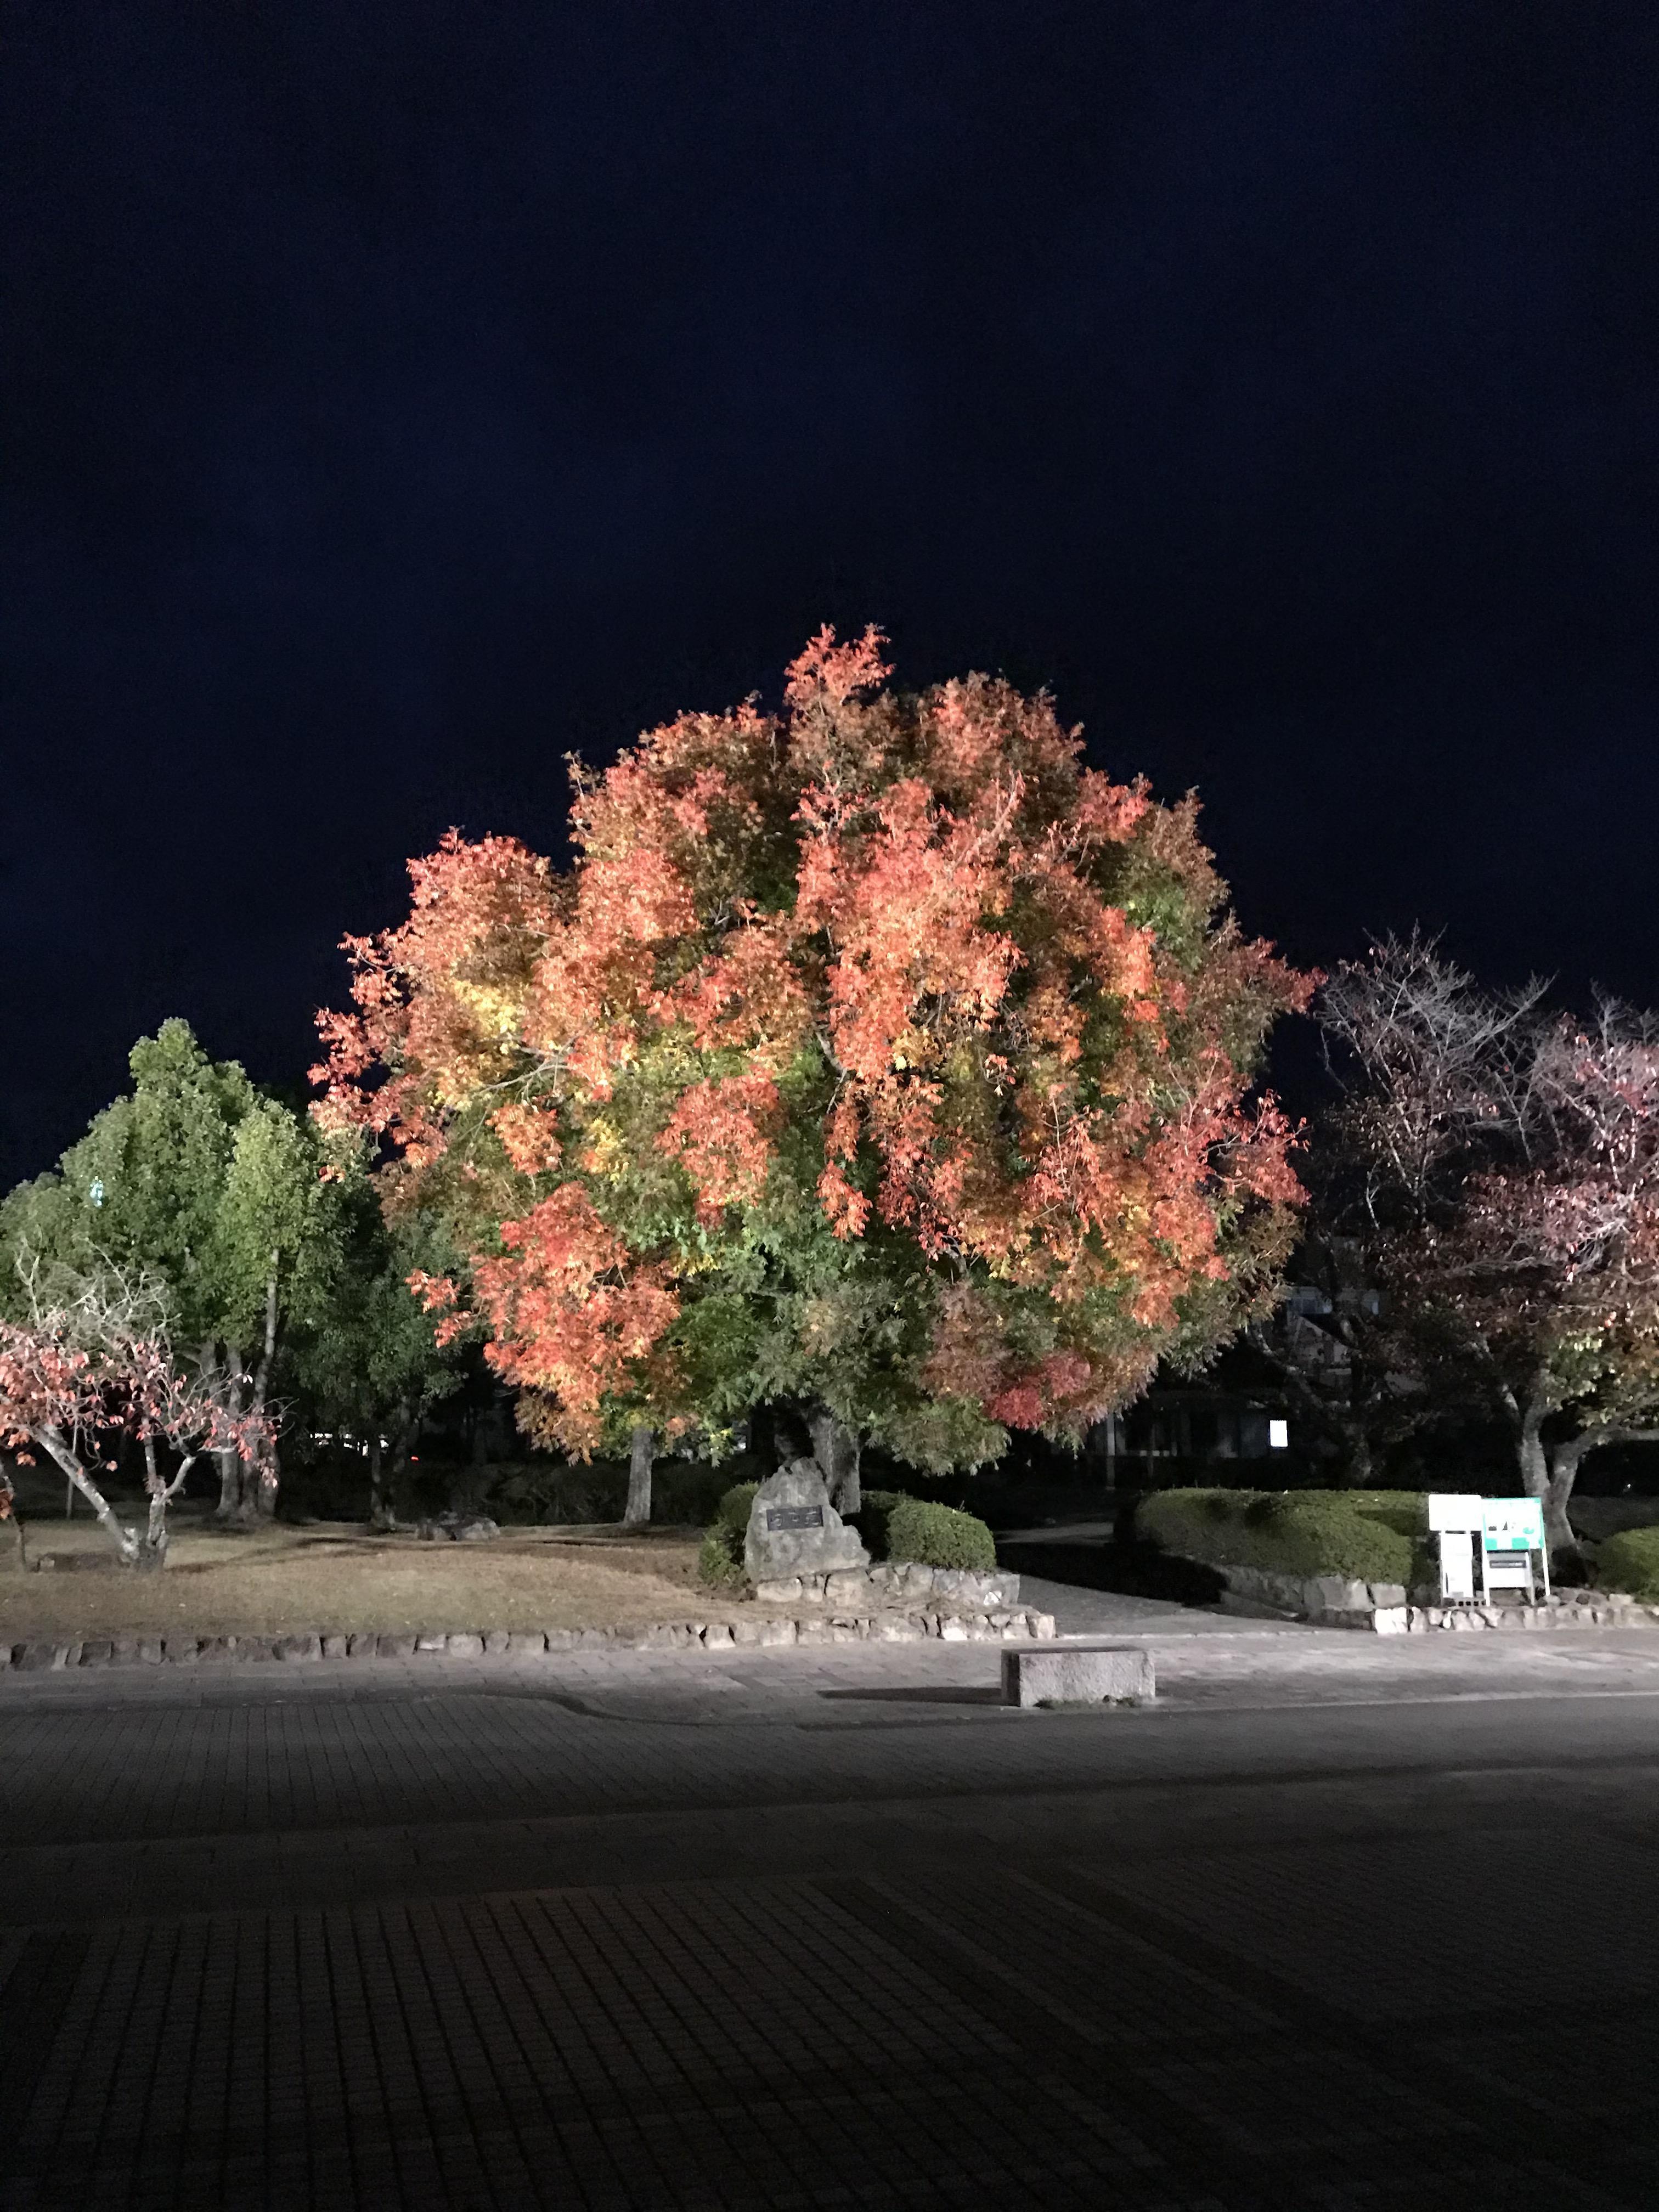 2020年10月25日(日)~ 田中苑 櫂の木のライトアップ